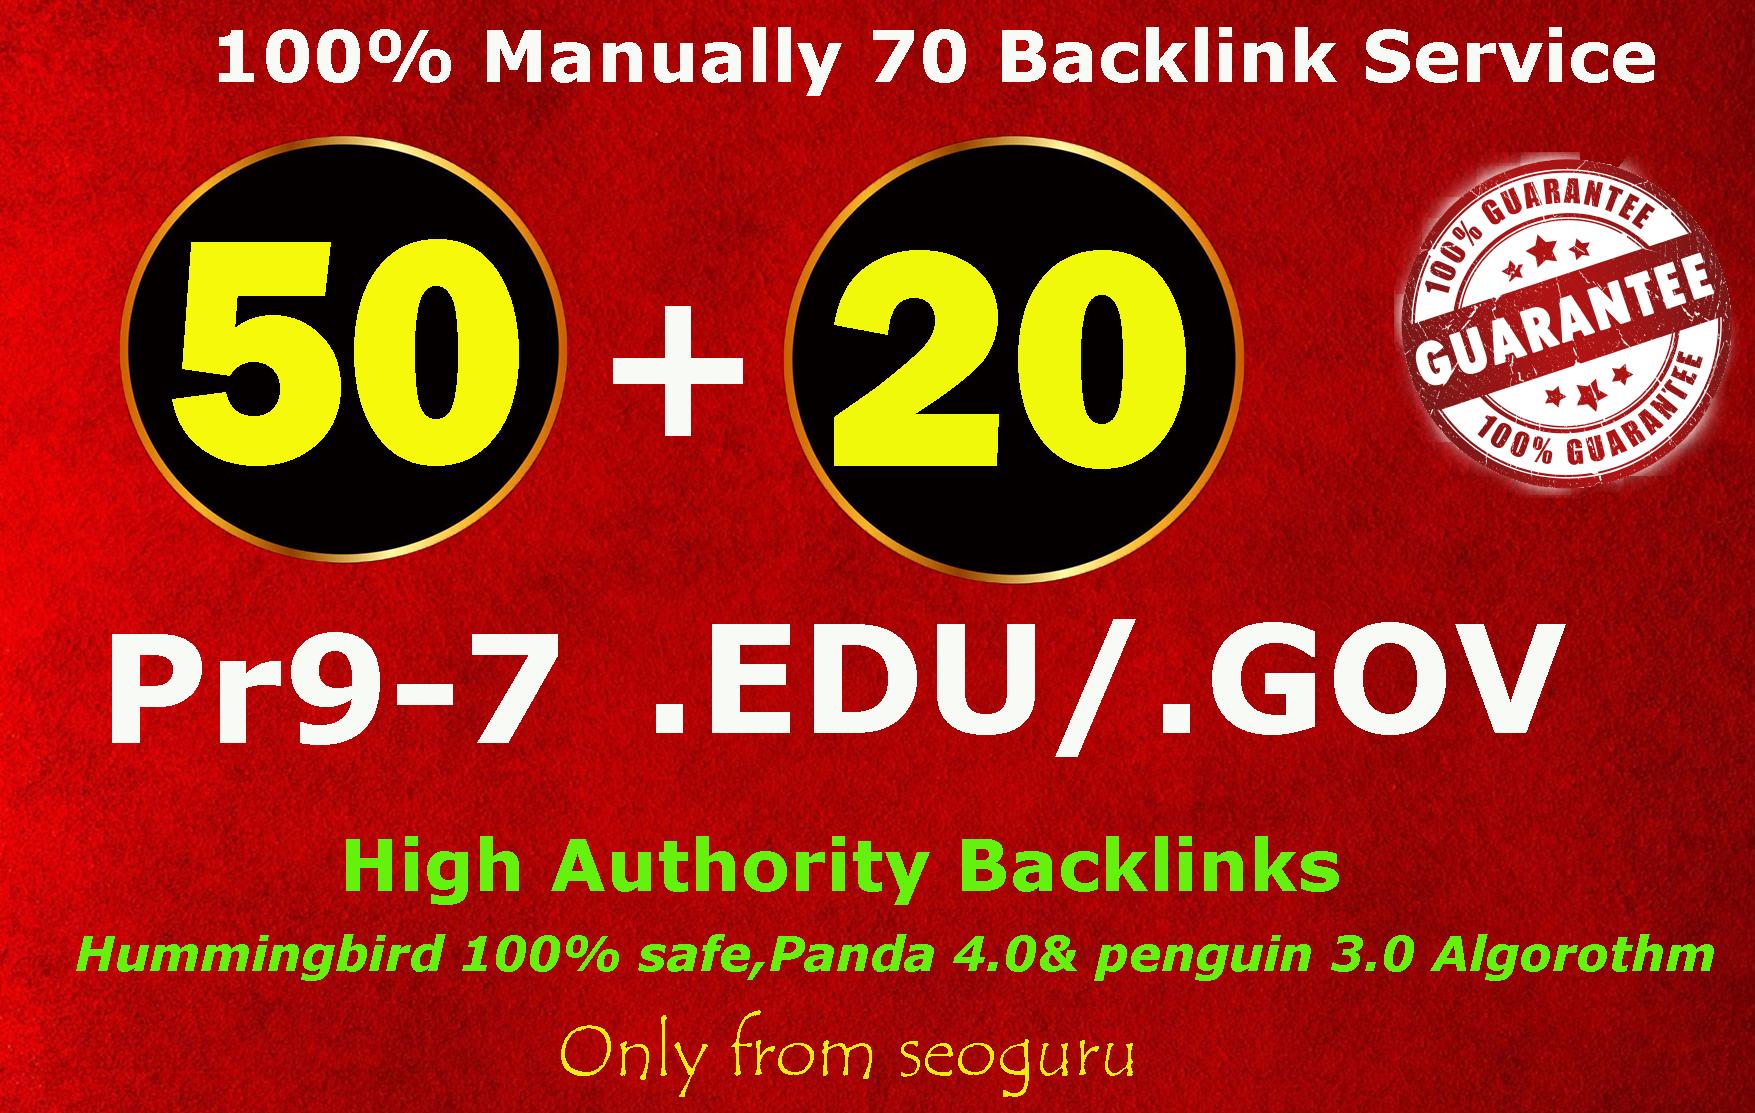 50 PR9 DA 80-100 + 20 EDU - GOV Highpr Safe SEO Authority Backlinks To Fire Your Google Ranking